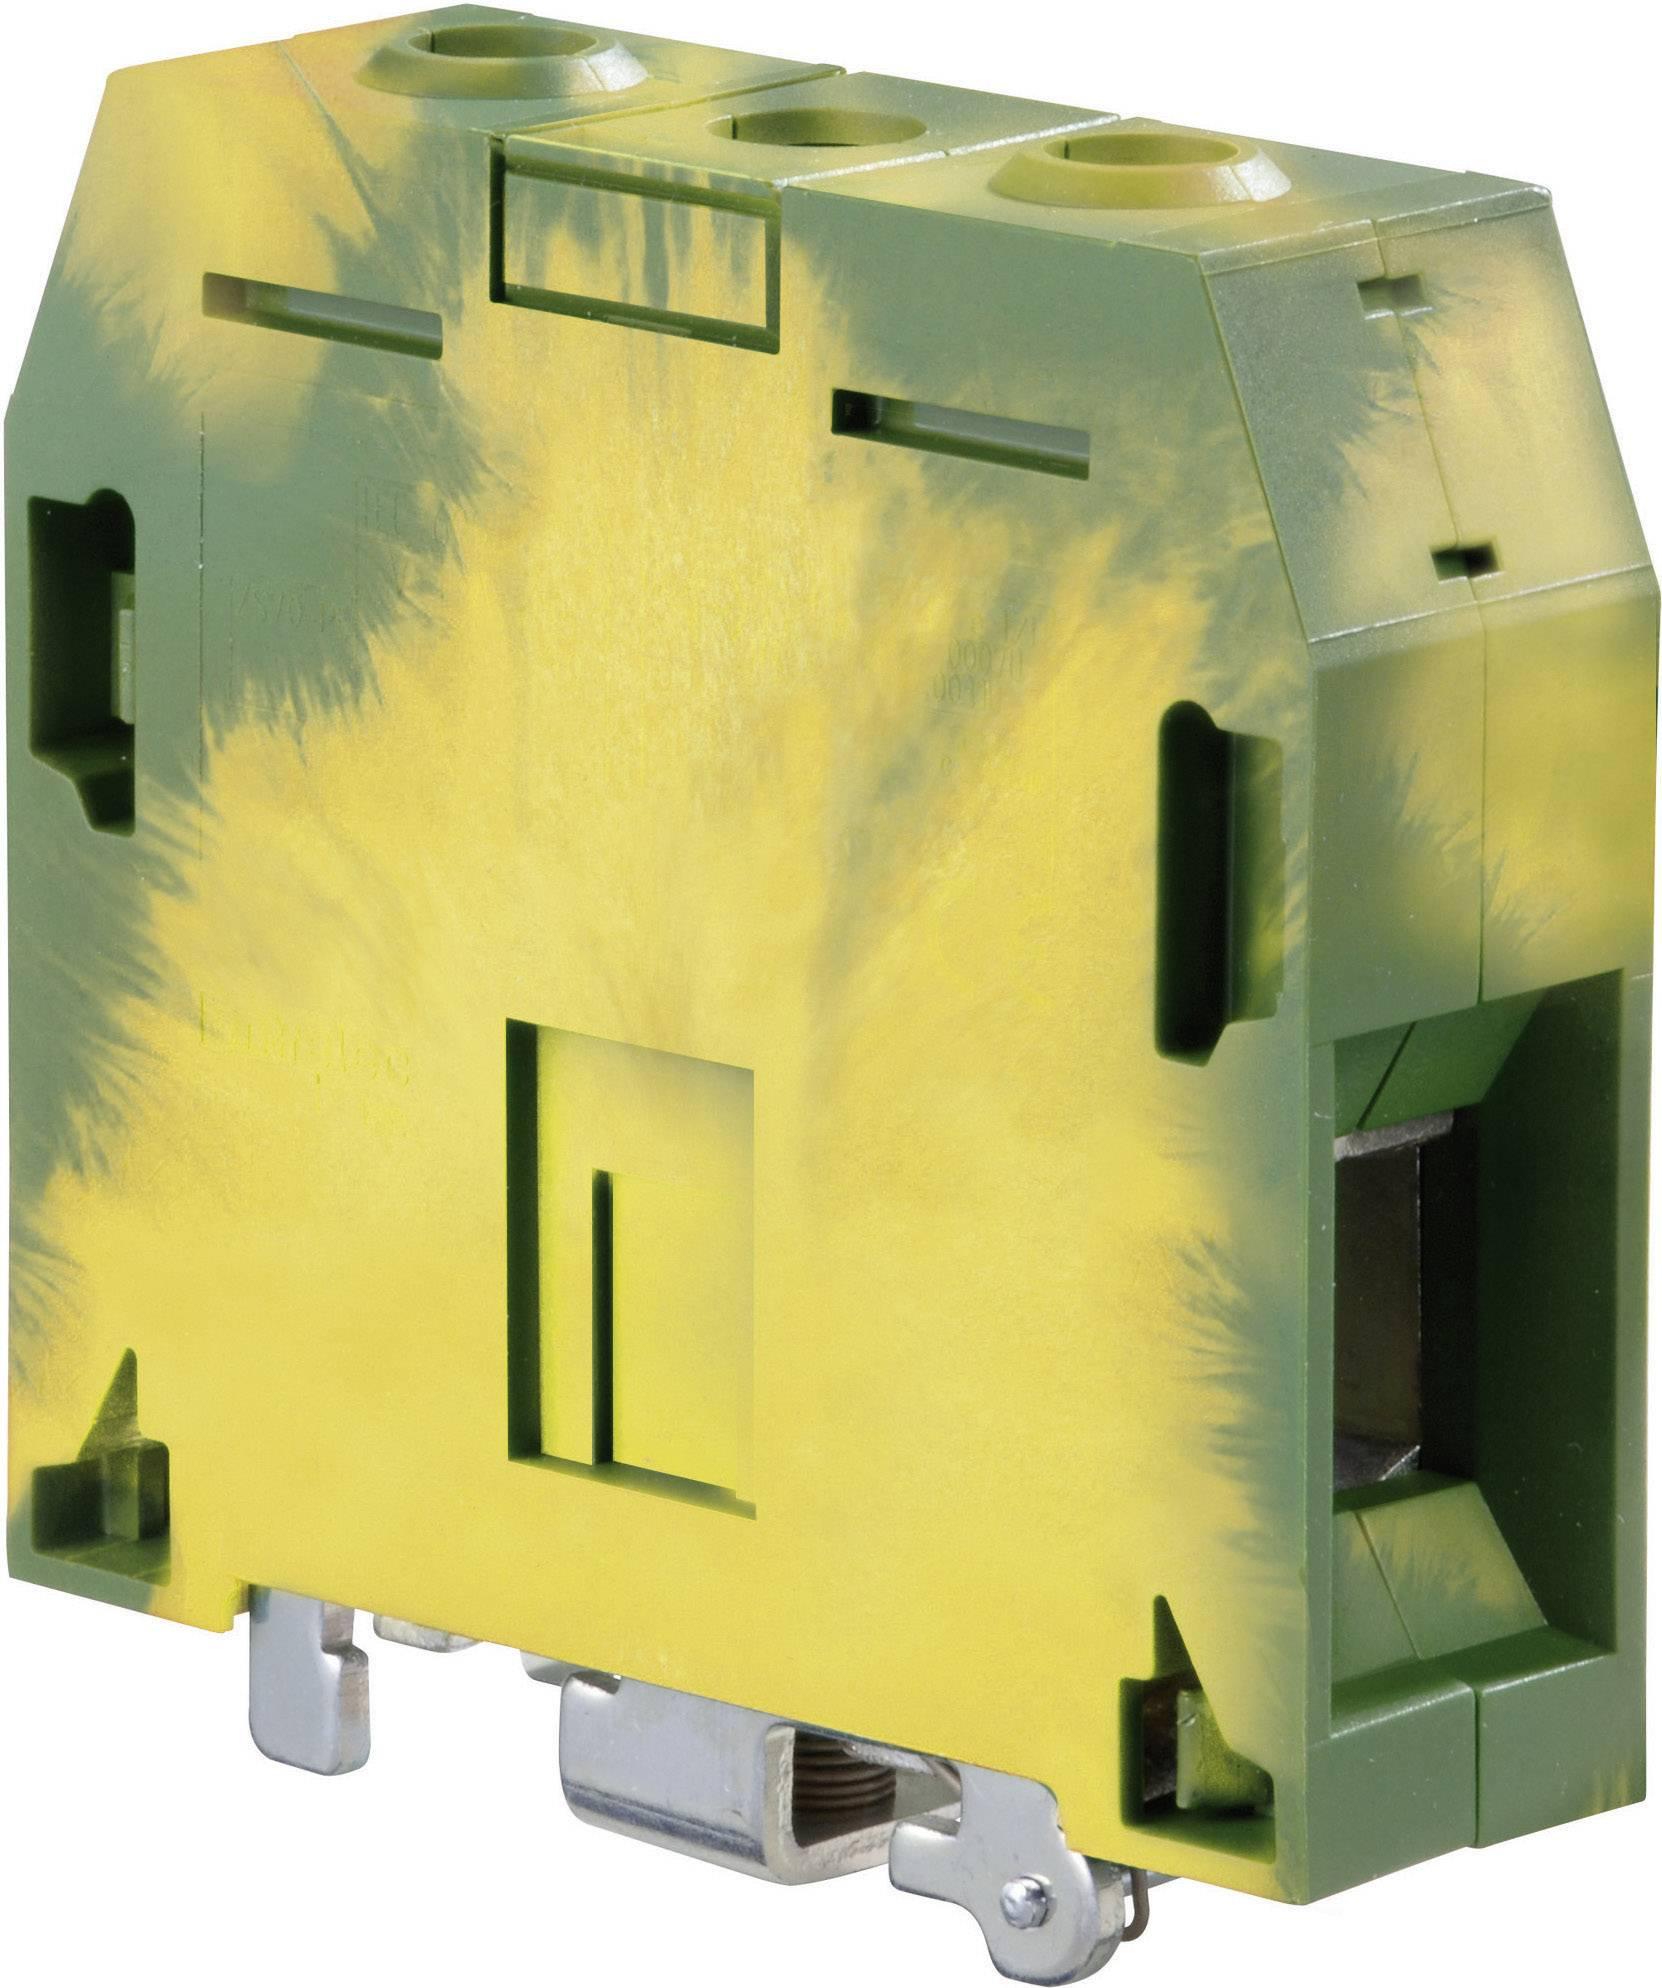 Svorka ochranného vodiče ABB 1SNK 522 150 R0000, 22 mm, šroubovací, osazení Terre, zelenožlutá, 1 ks